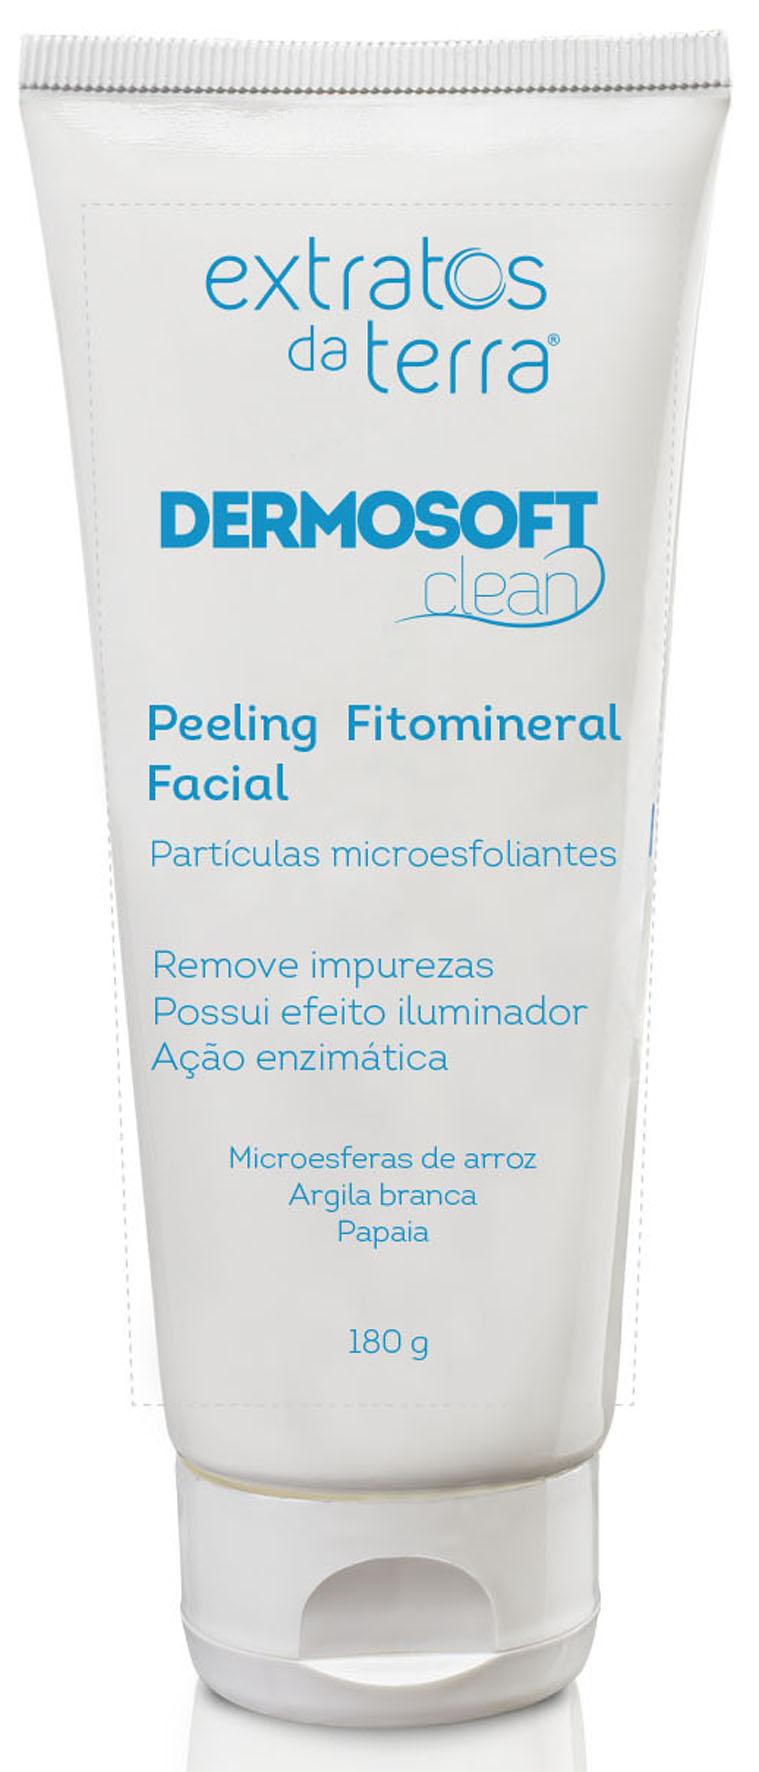 Por que é importante esfoliar a pele?